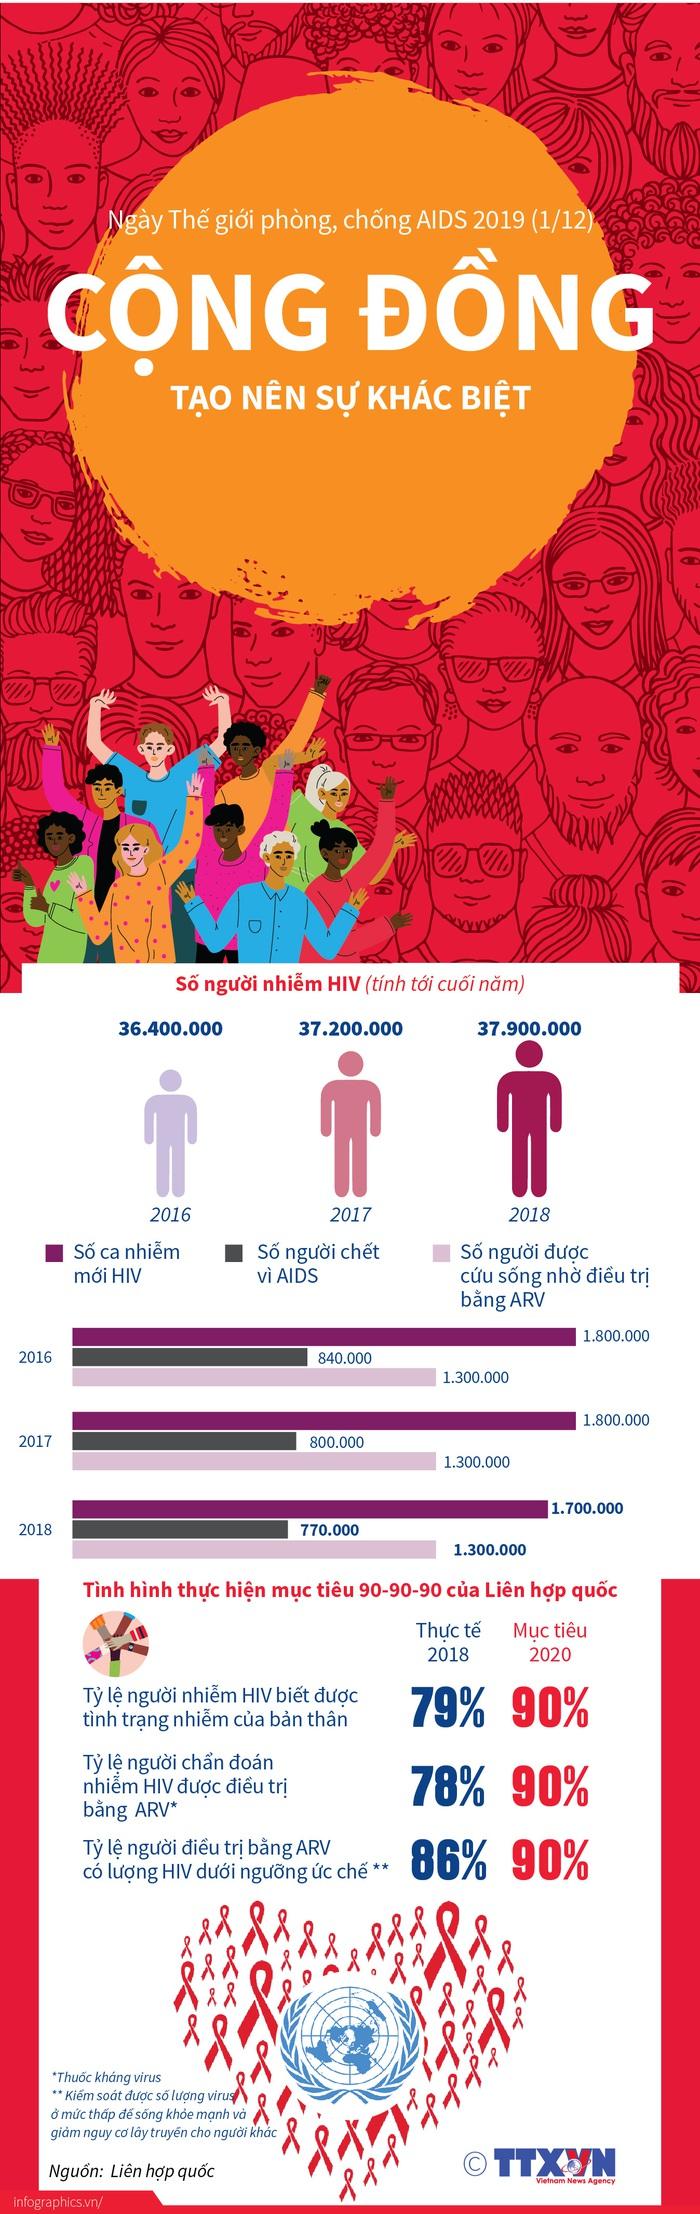 Cuộc chiến chống đại dịch HIV/AIDS vẫn còn gian nan - Ảnh 6.